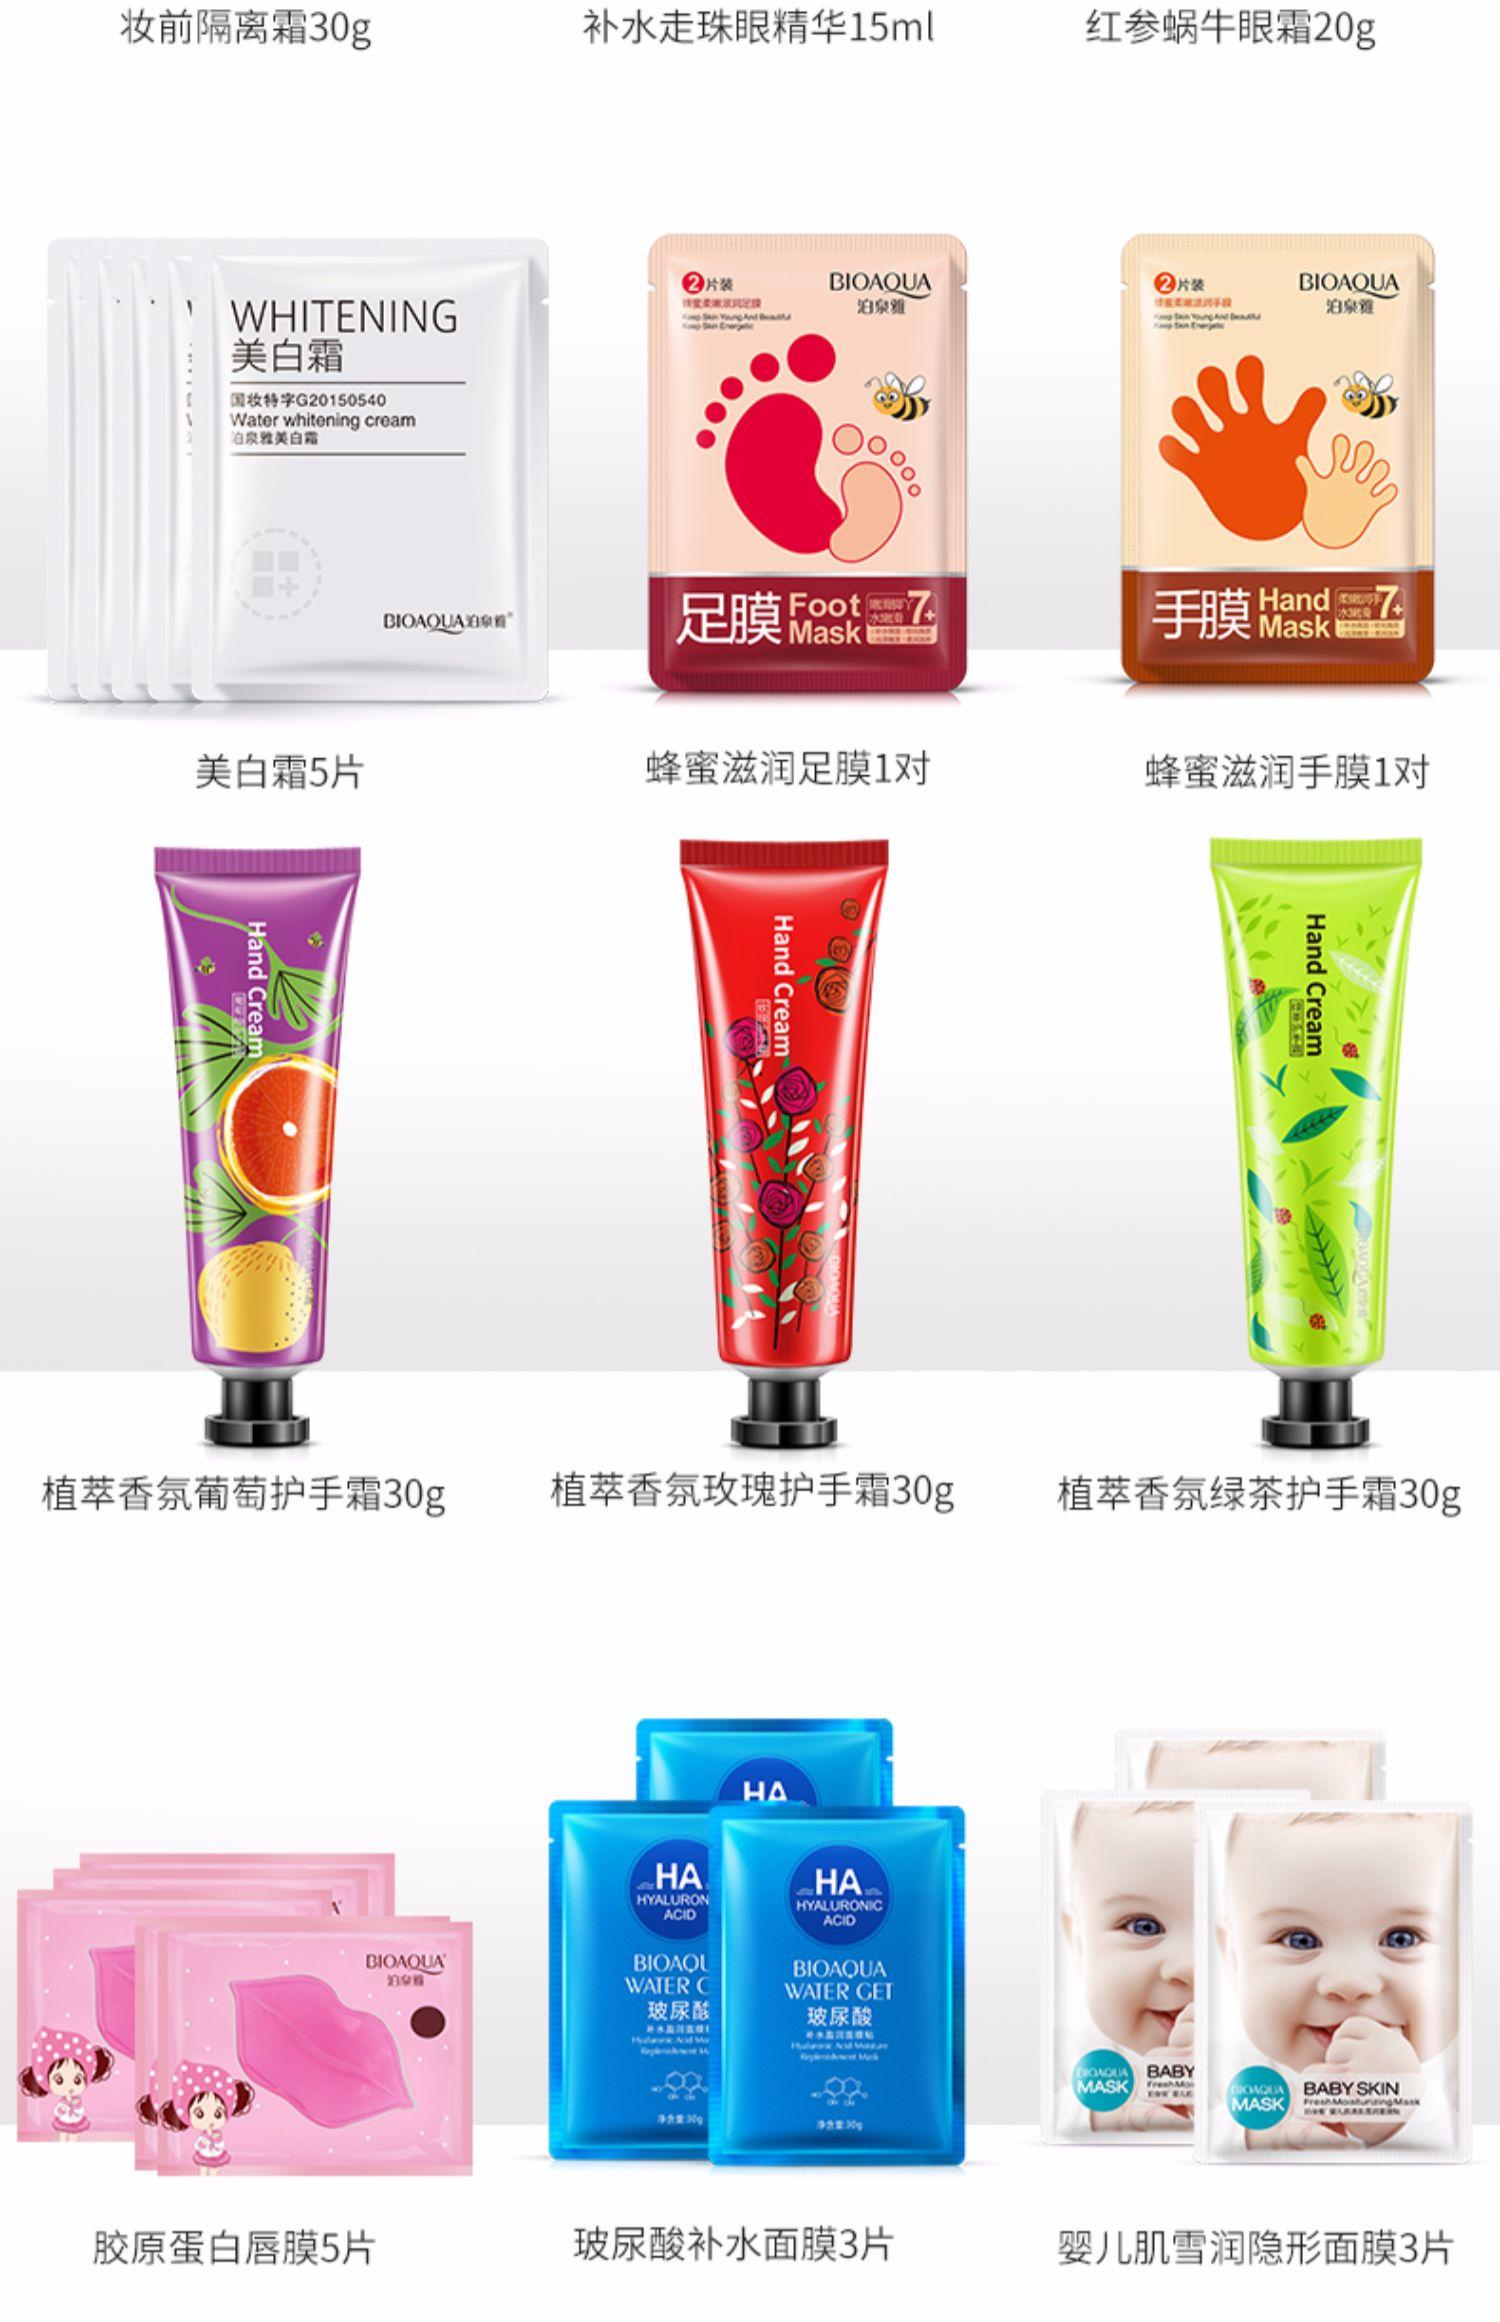 【第2-5件0元】薏仁水爽肤水保湿水 一瓶多用 护肤产品任选商品详情图